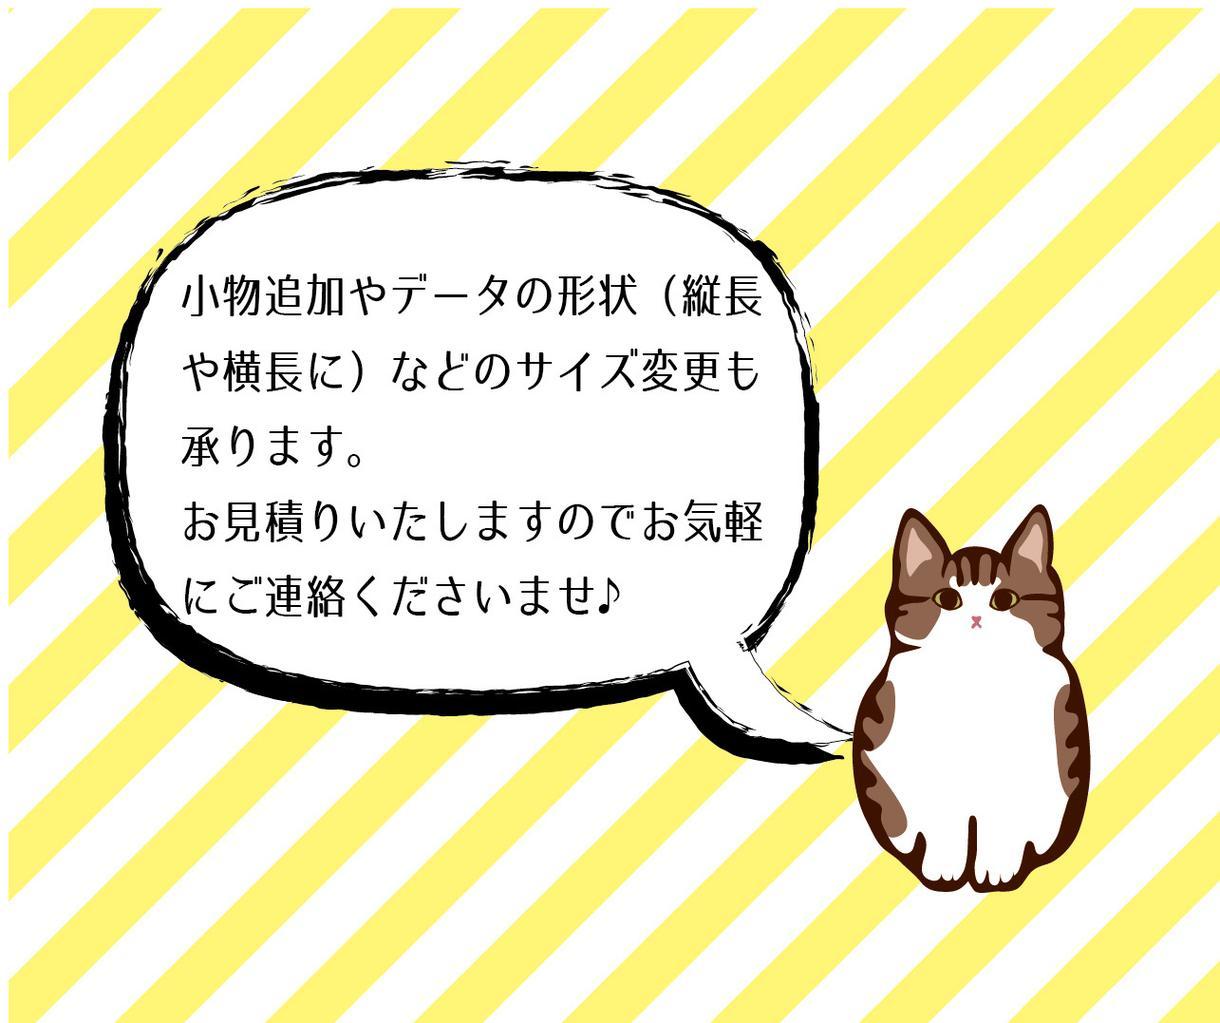 おしゃれなアイコン用の猫イラスト描きます SNSのプロフィール用画像に。猫好きな人へのプレゼントにも☆